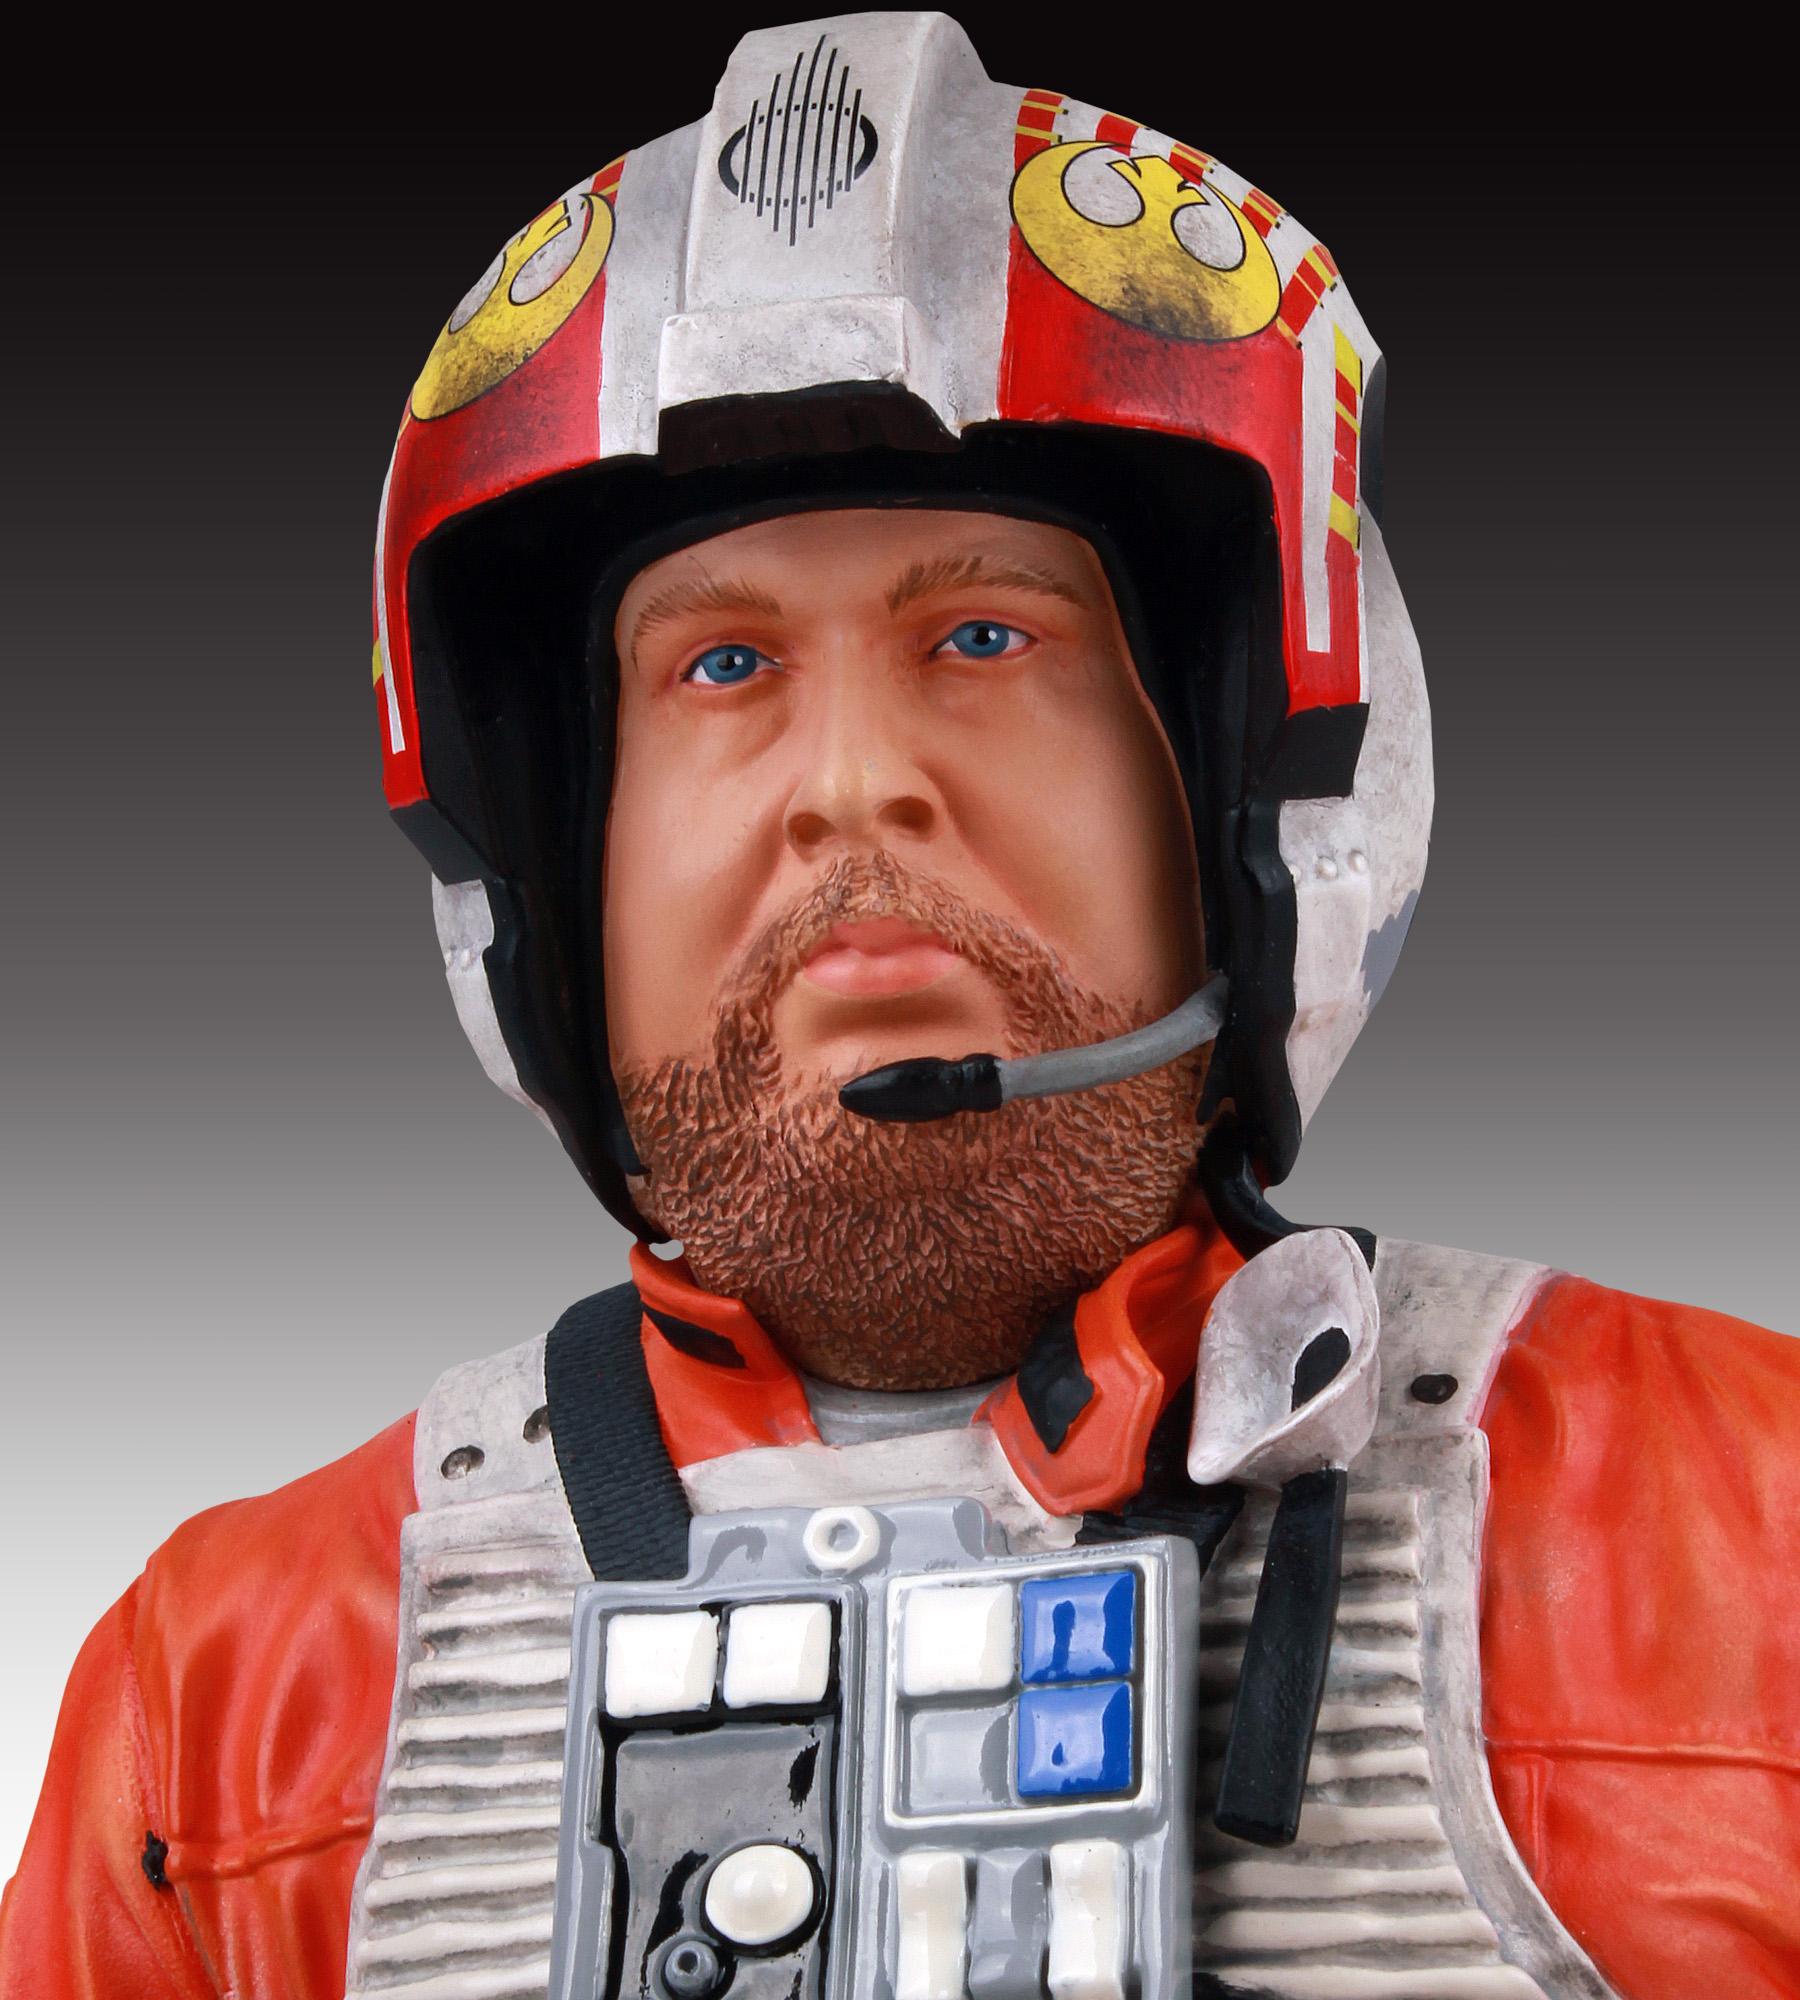 [Gentle Giant] SDCC Exclusive Star Wars Jek Porkins Mini Bust SDCC-Exclusive-Star-Wars-Jek-Porkins-Mini-Bust-009